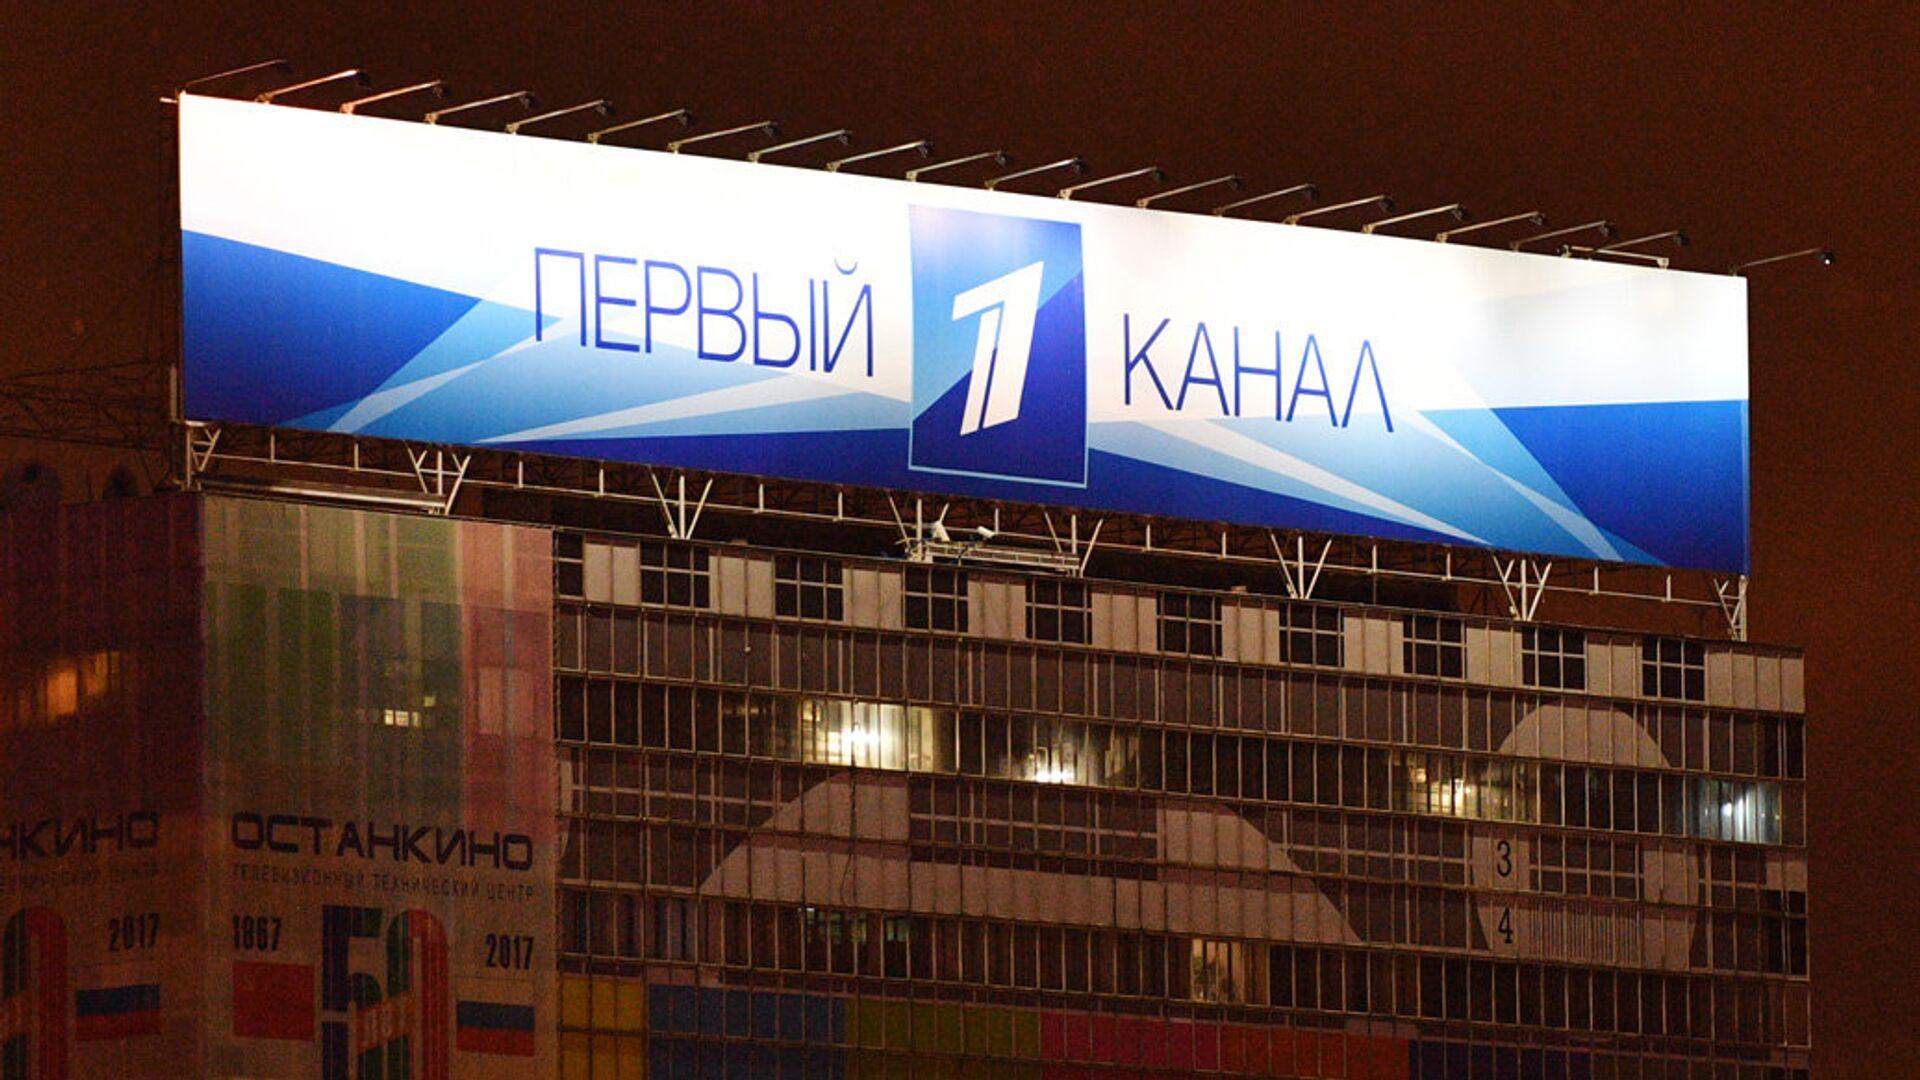 Адвокат подал в суд на Первый канал из-за негативных новостей - РИА Новости,  25.08.2021